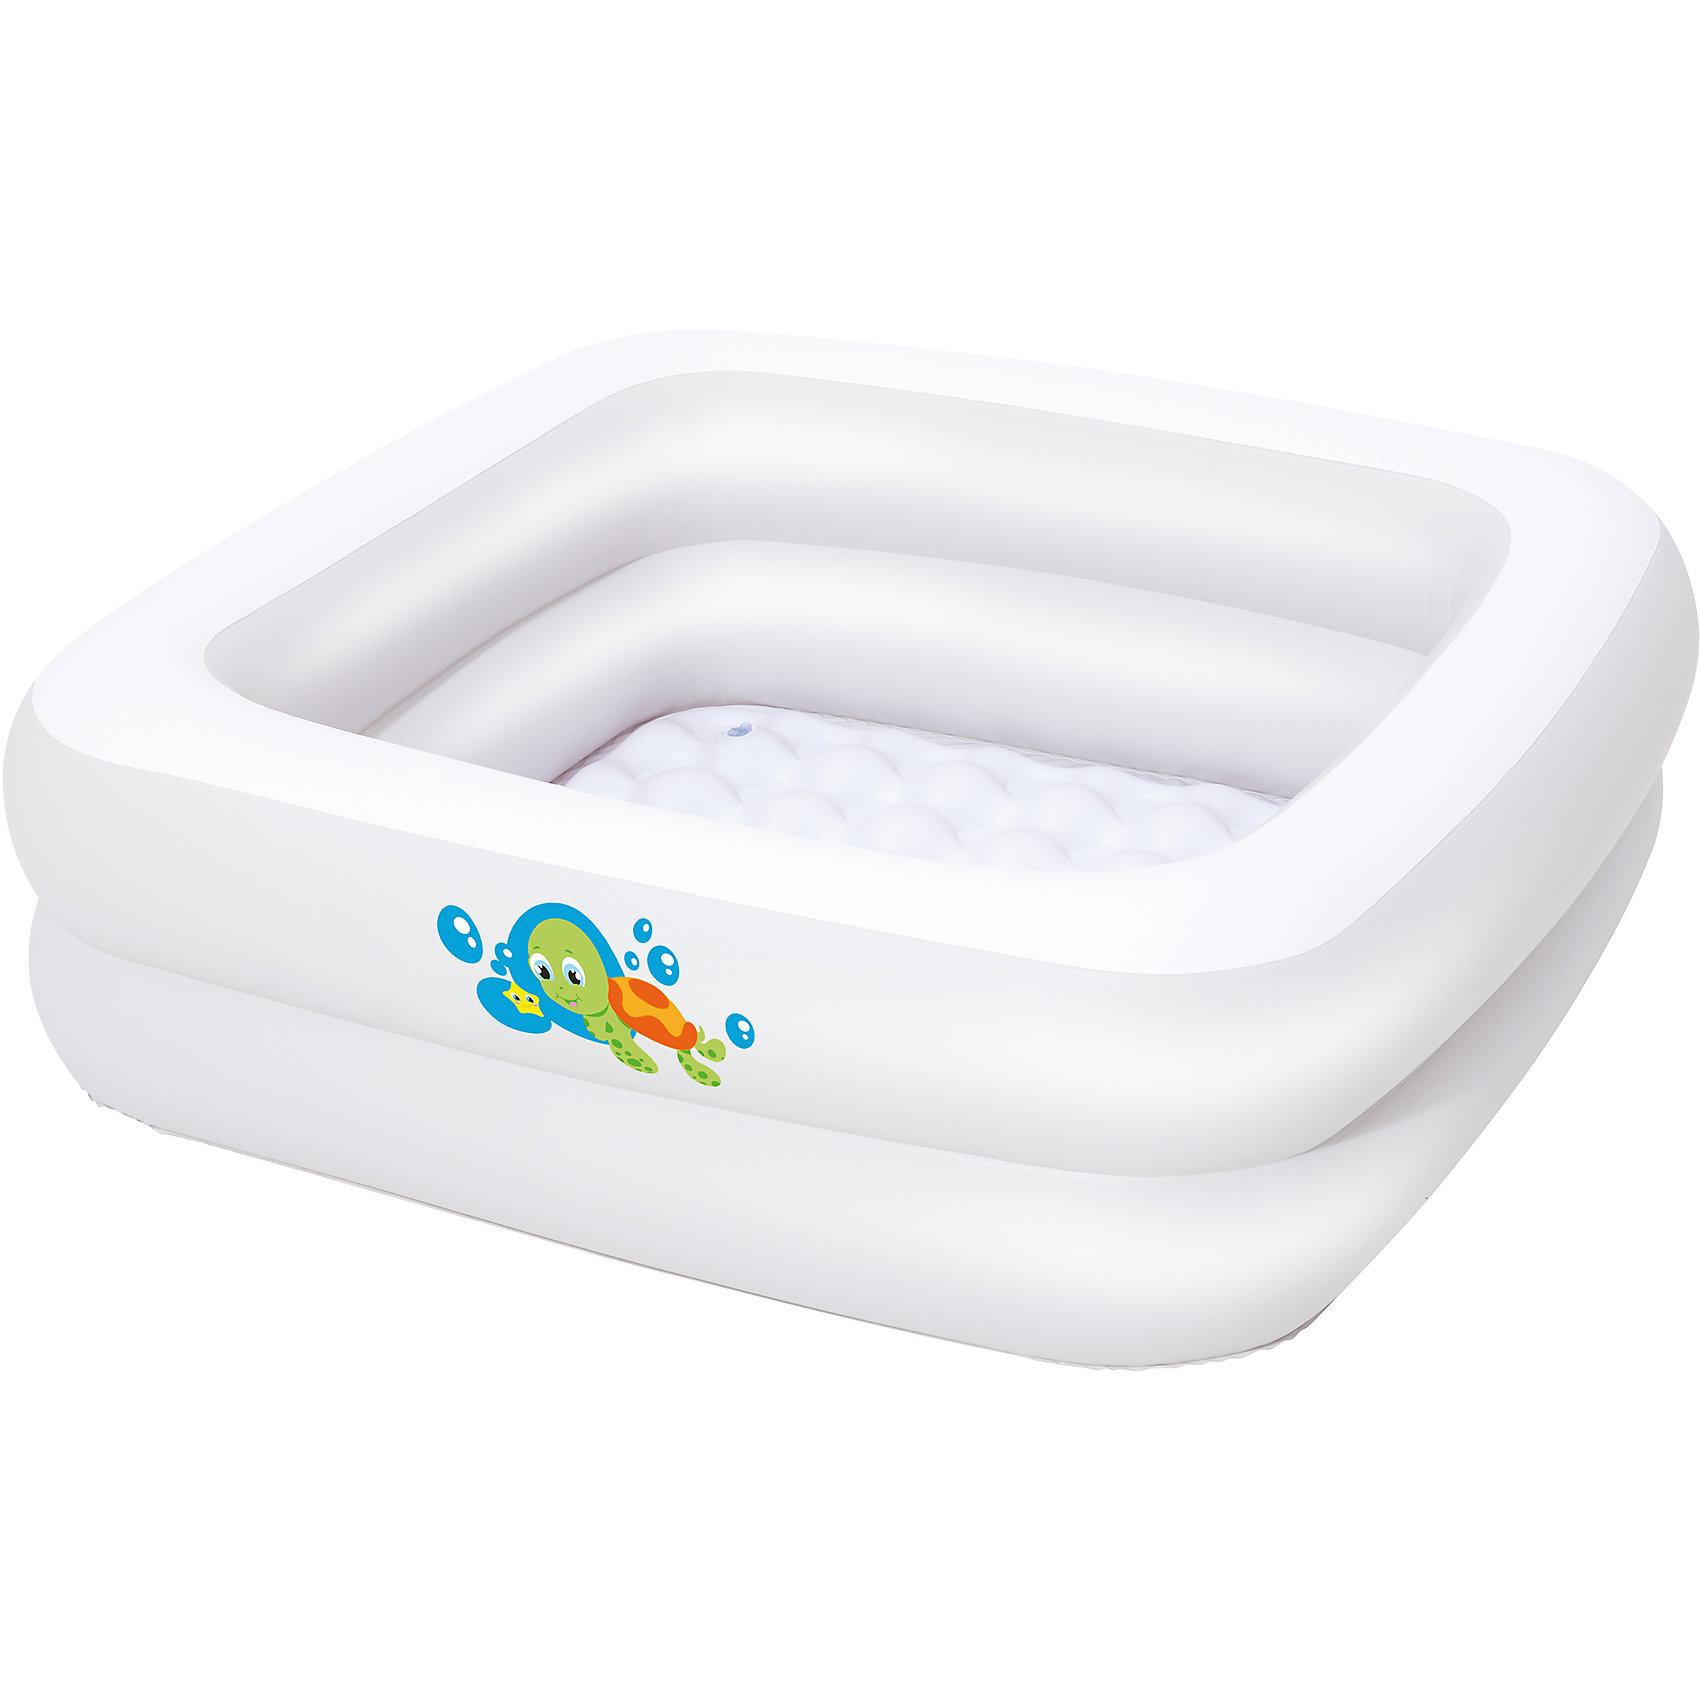 Надувной бассейн квадратный, Bestway, белый